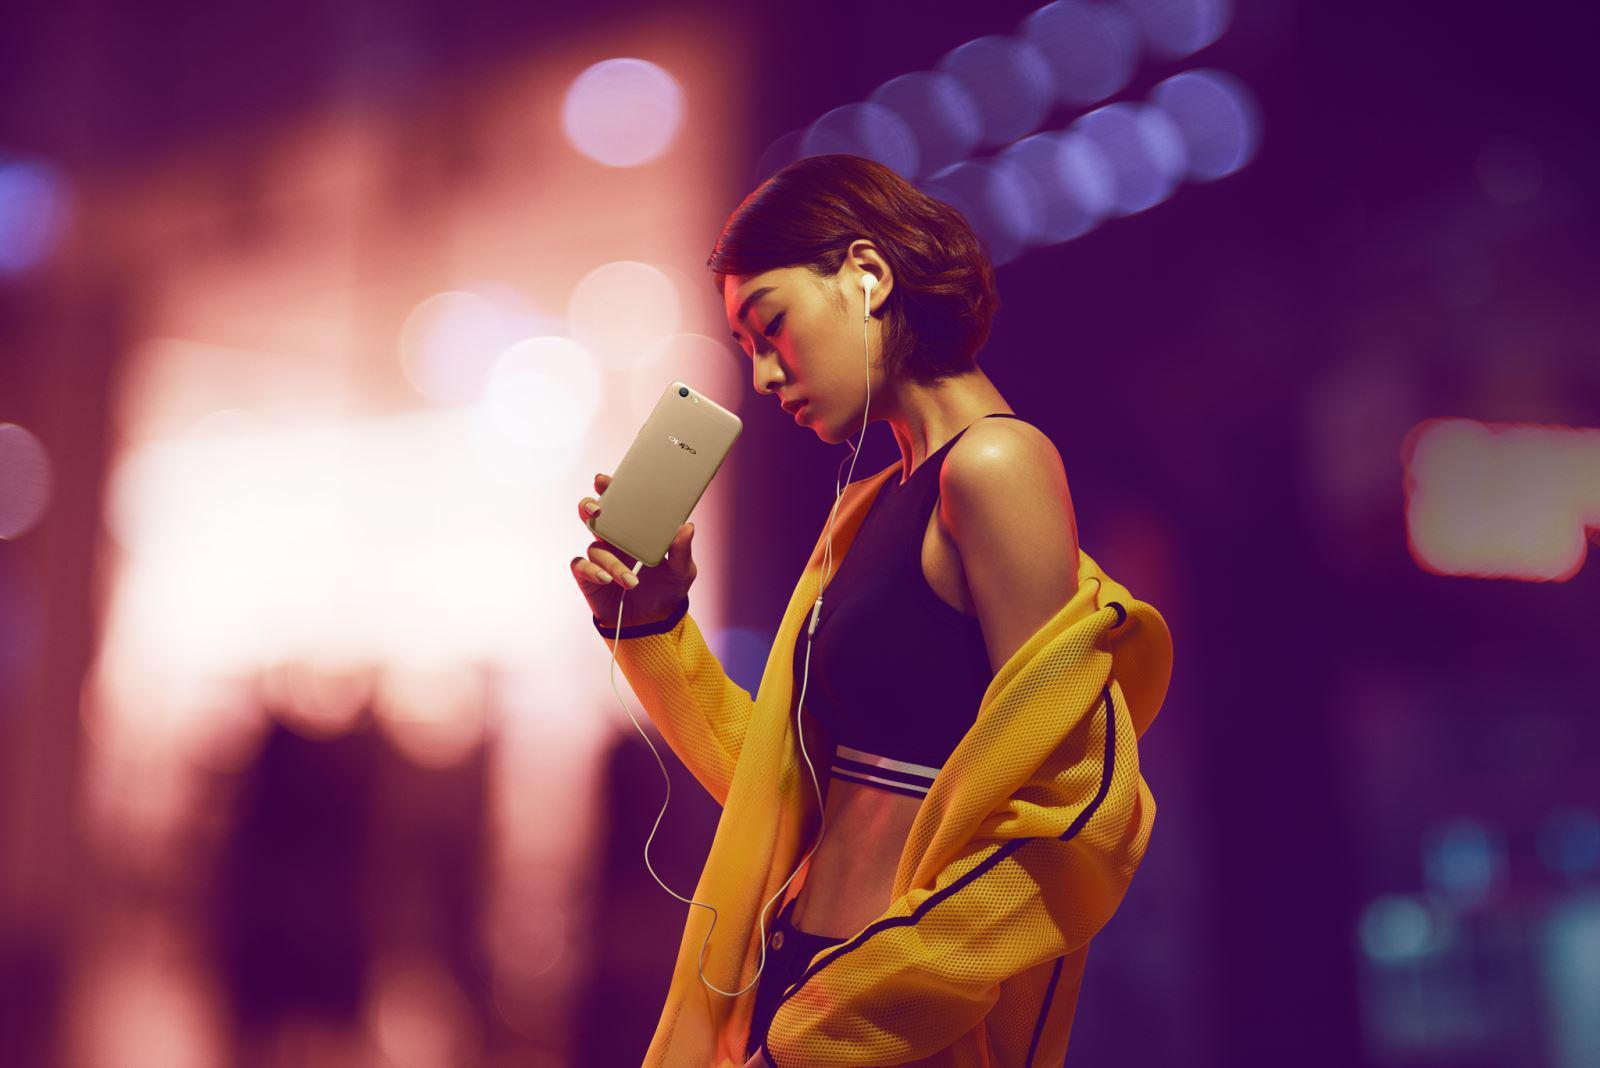 OPPO F3 Lite sở hữu camera trươc 16MP tích hợp với tính năng Beautify 4.0 hỗ trợ tối đa cho selfie, giúp ảnh chụp rõ nét ngay trong điều kiện thiếu sáng